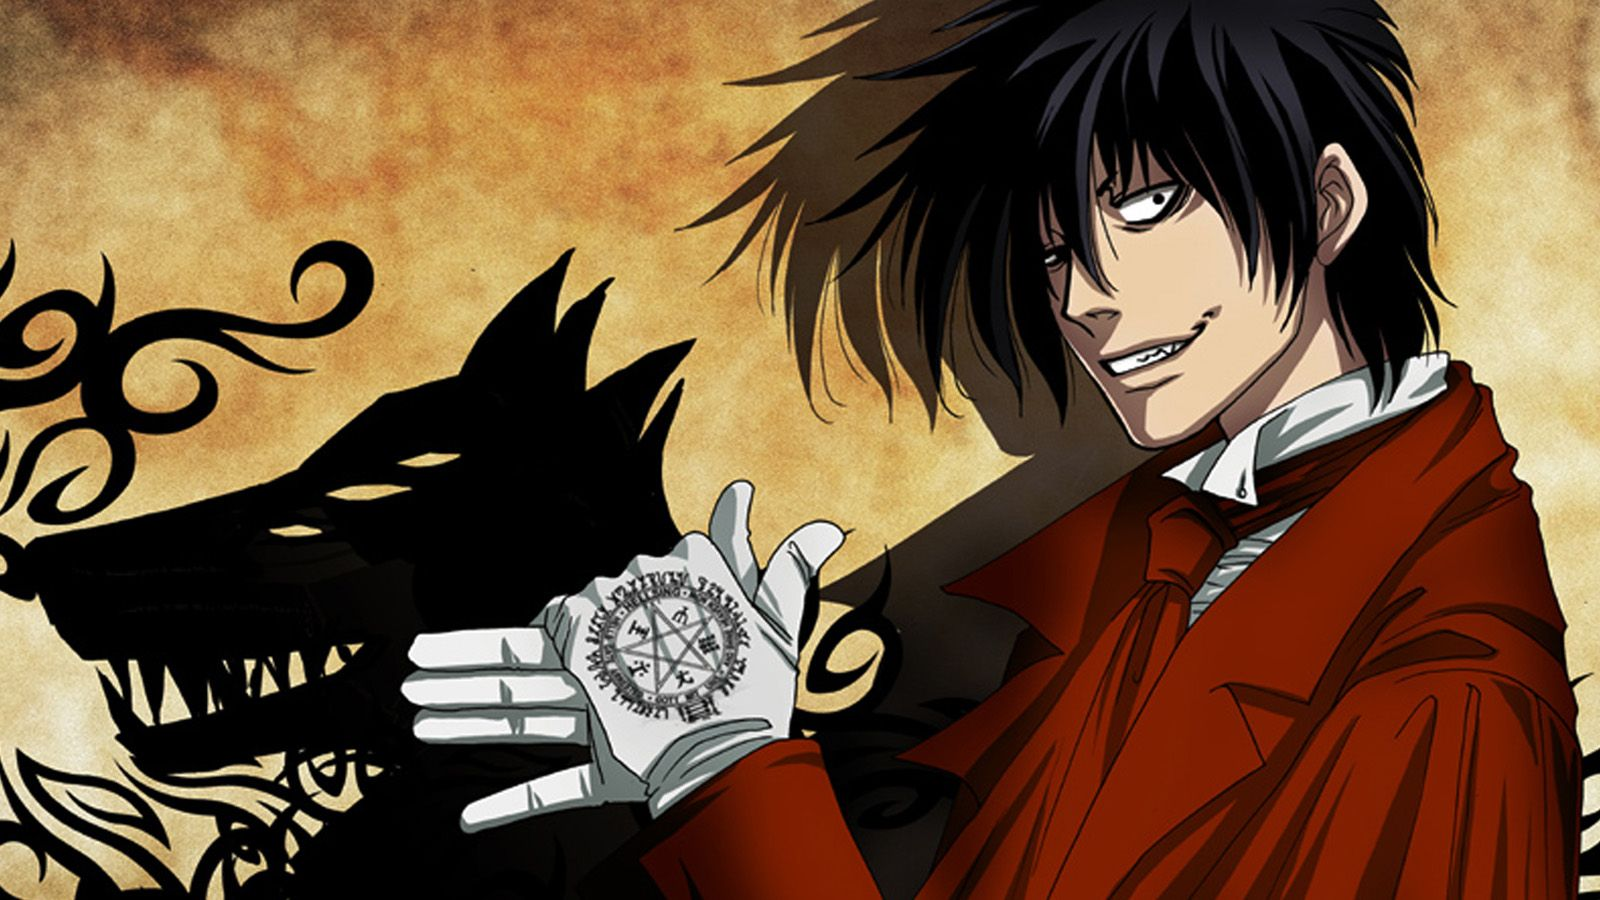 Anime Hellsing Wallpaper (avec images) Dessin animé